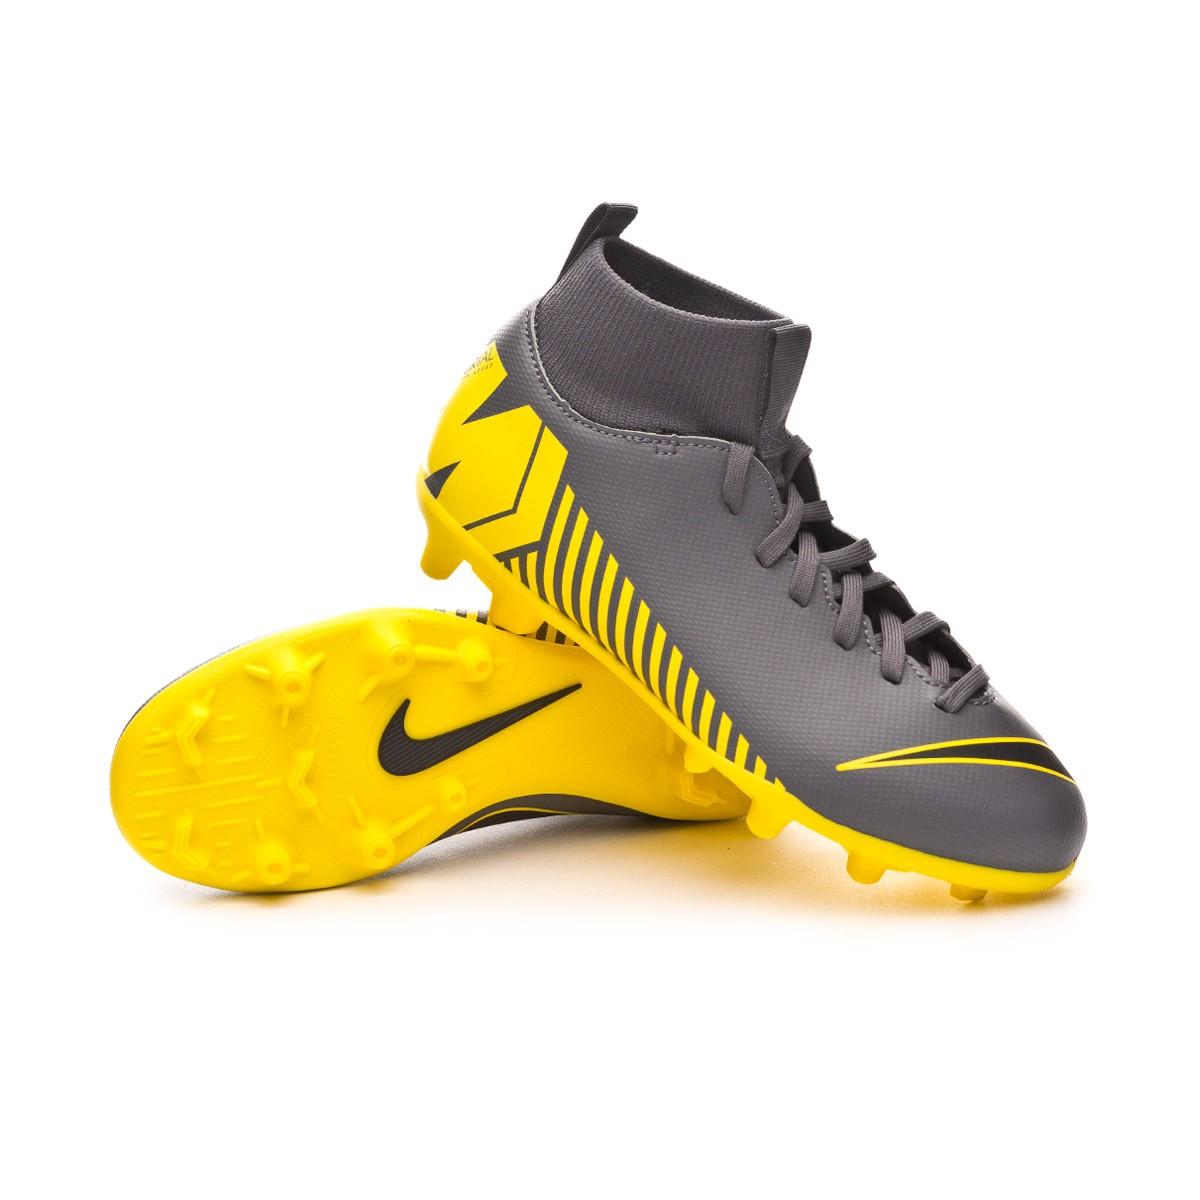 Chuteiras Nike Mercurial X Black And Yellow Chuteiras Nike